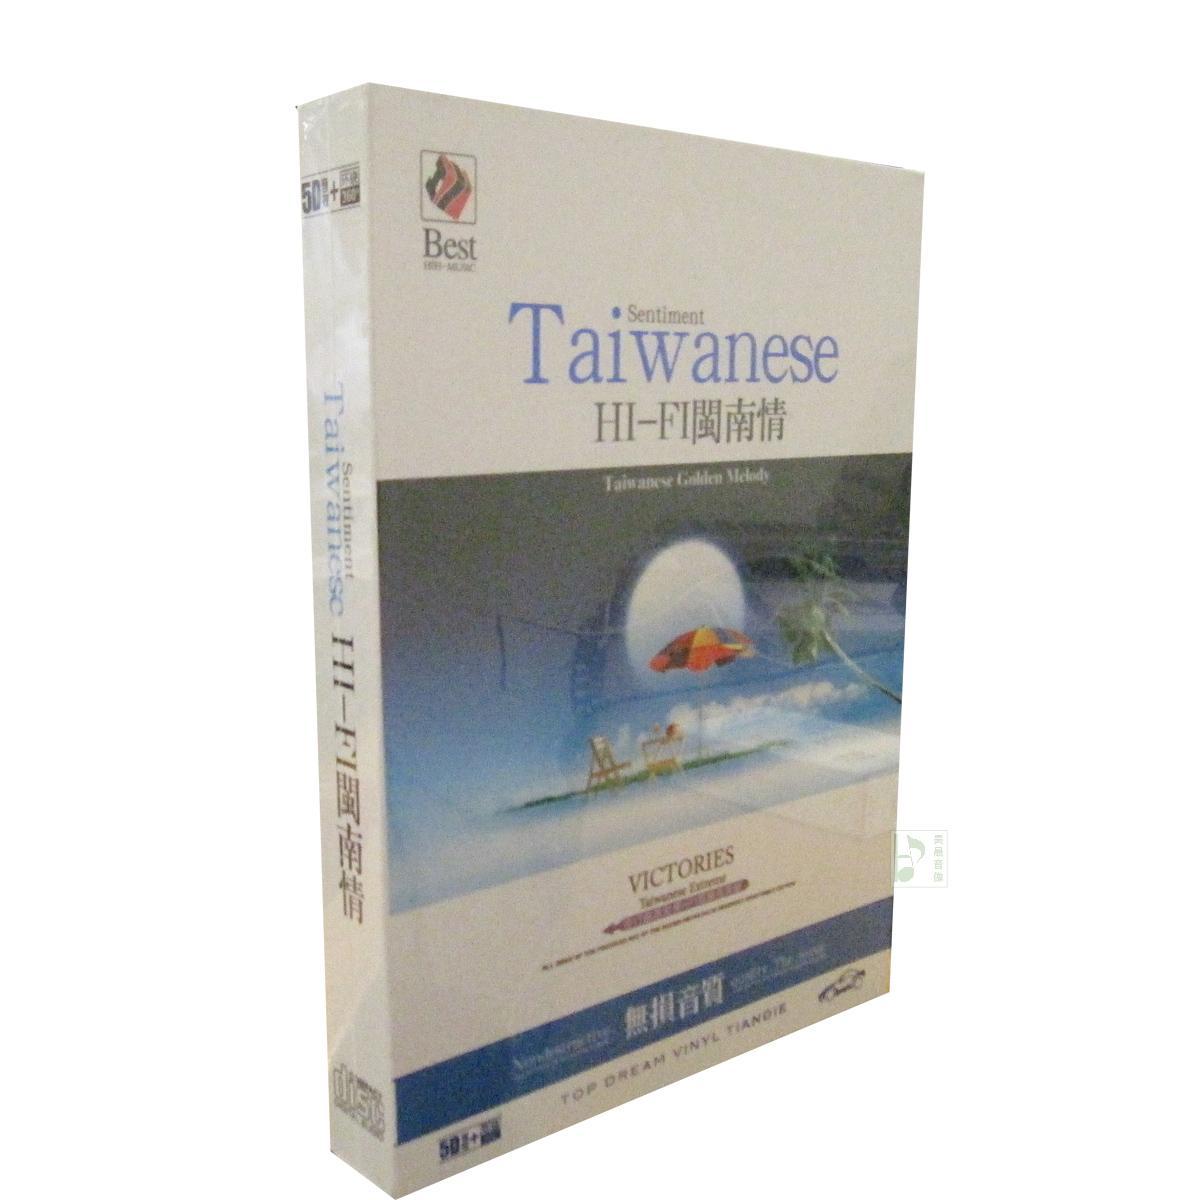 Музыка CD, DVD Тайваньская Миньнань любовь Hi-Fi виниловые автомобиль музыкальный компакт-диск